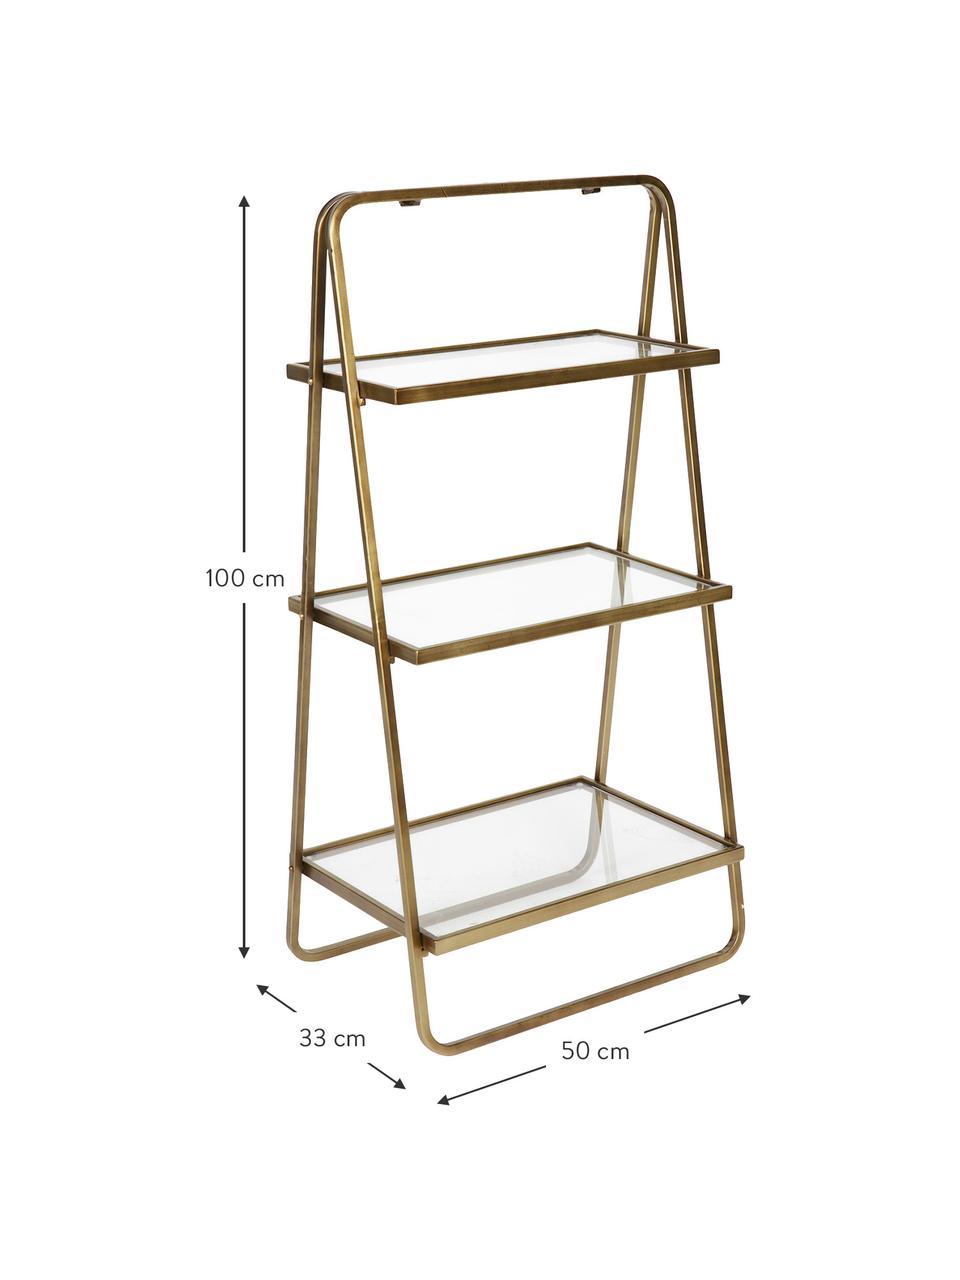 Ladder-wandrek Goddess in antieke afwerking, Frame: vermessingd metaal, Messingkleurig met antieke afwerking, 50 x 100 cm